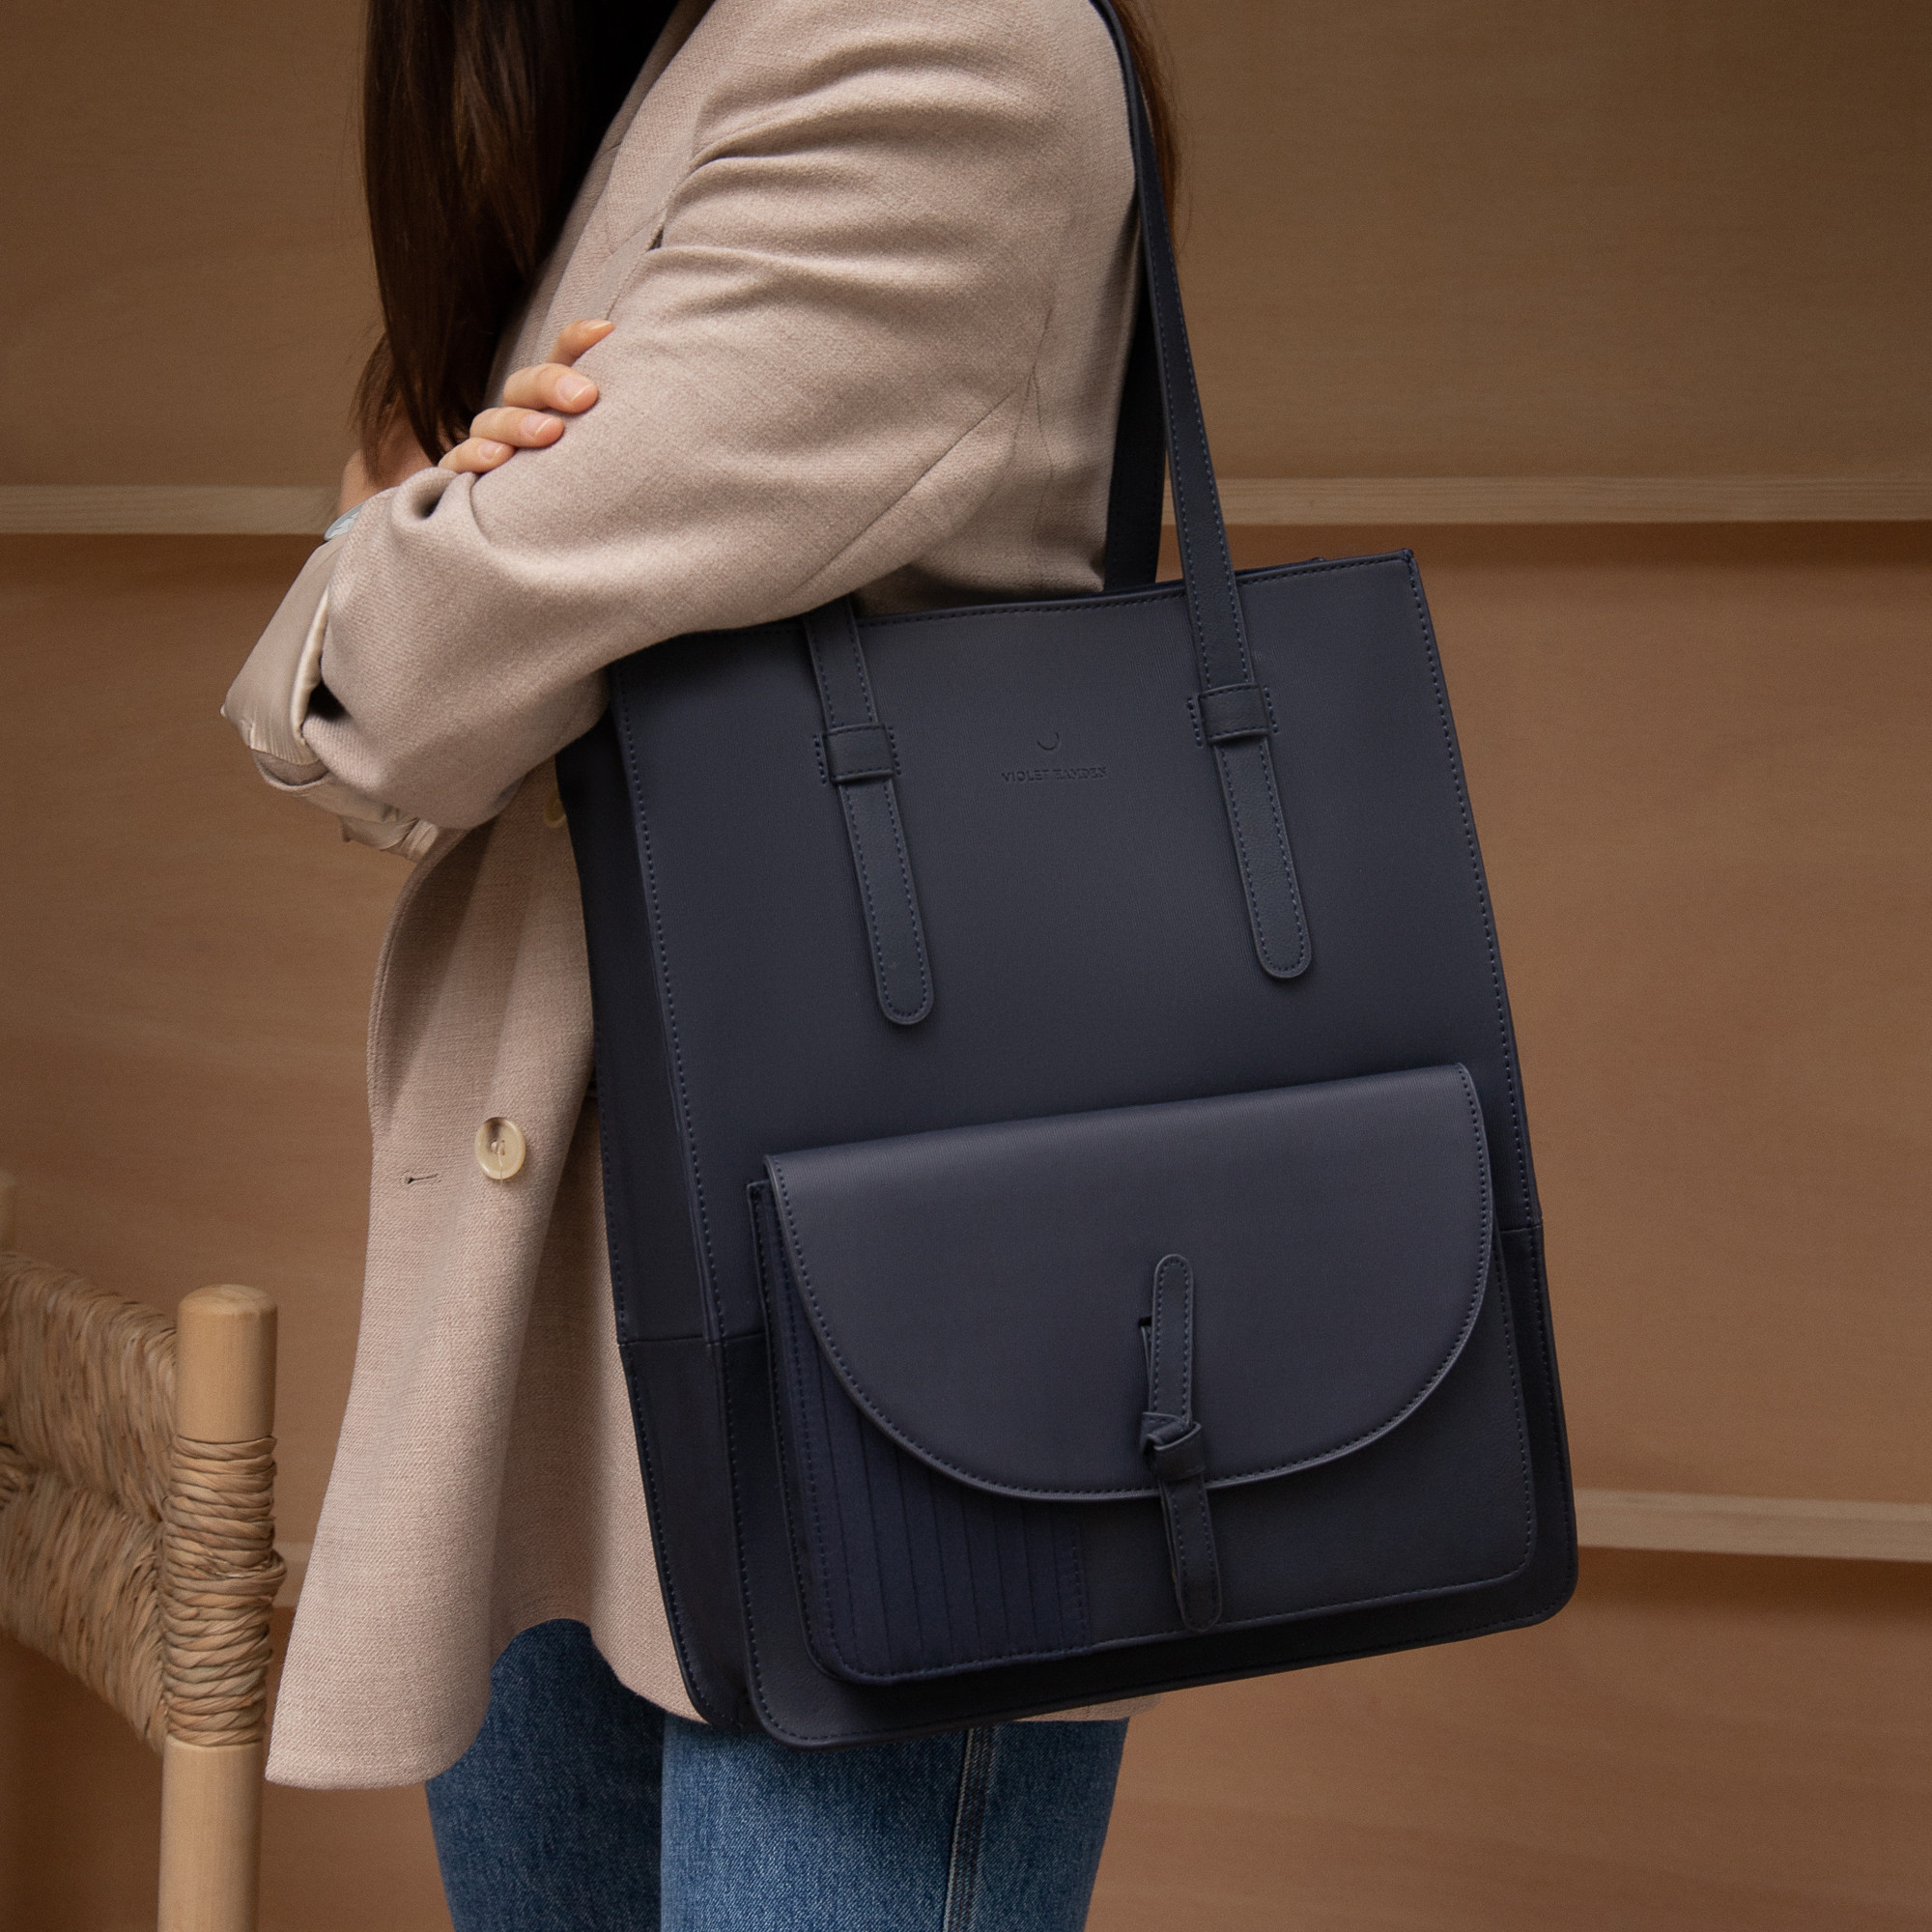 Violet Hamden Essential Bag Shopper VH25002